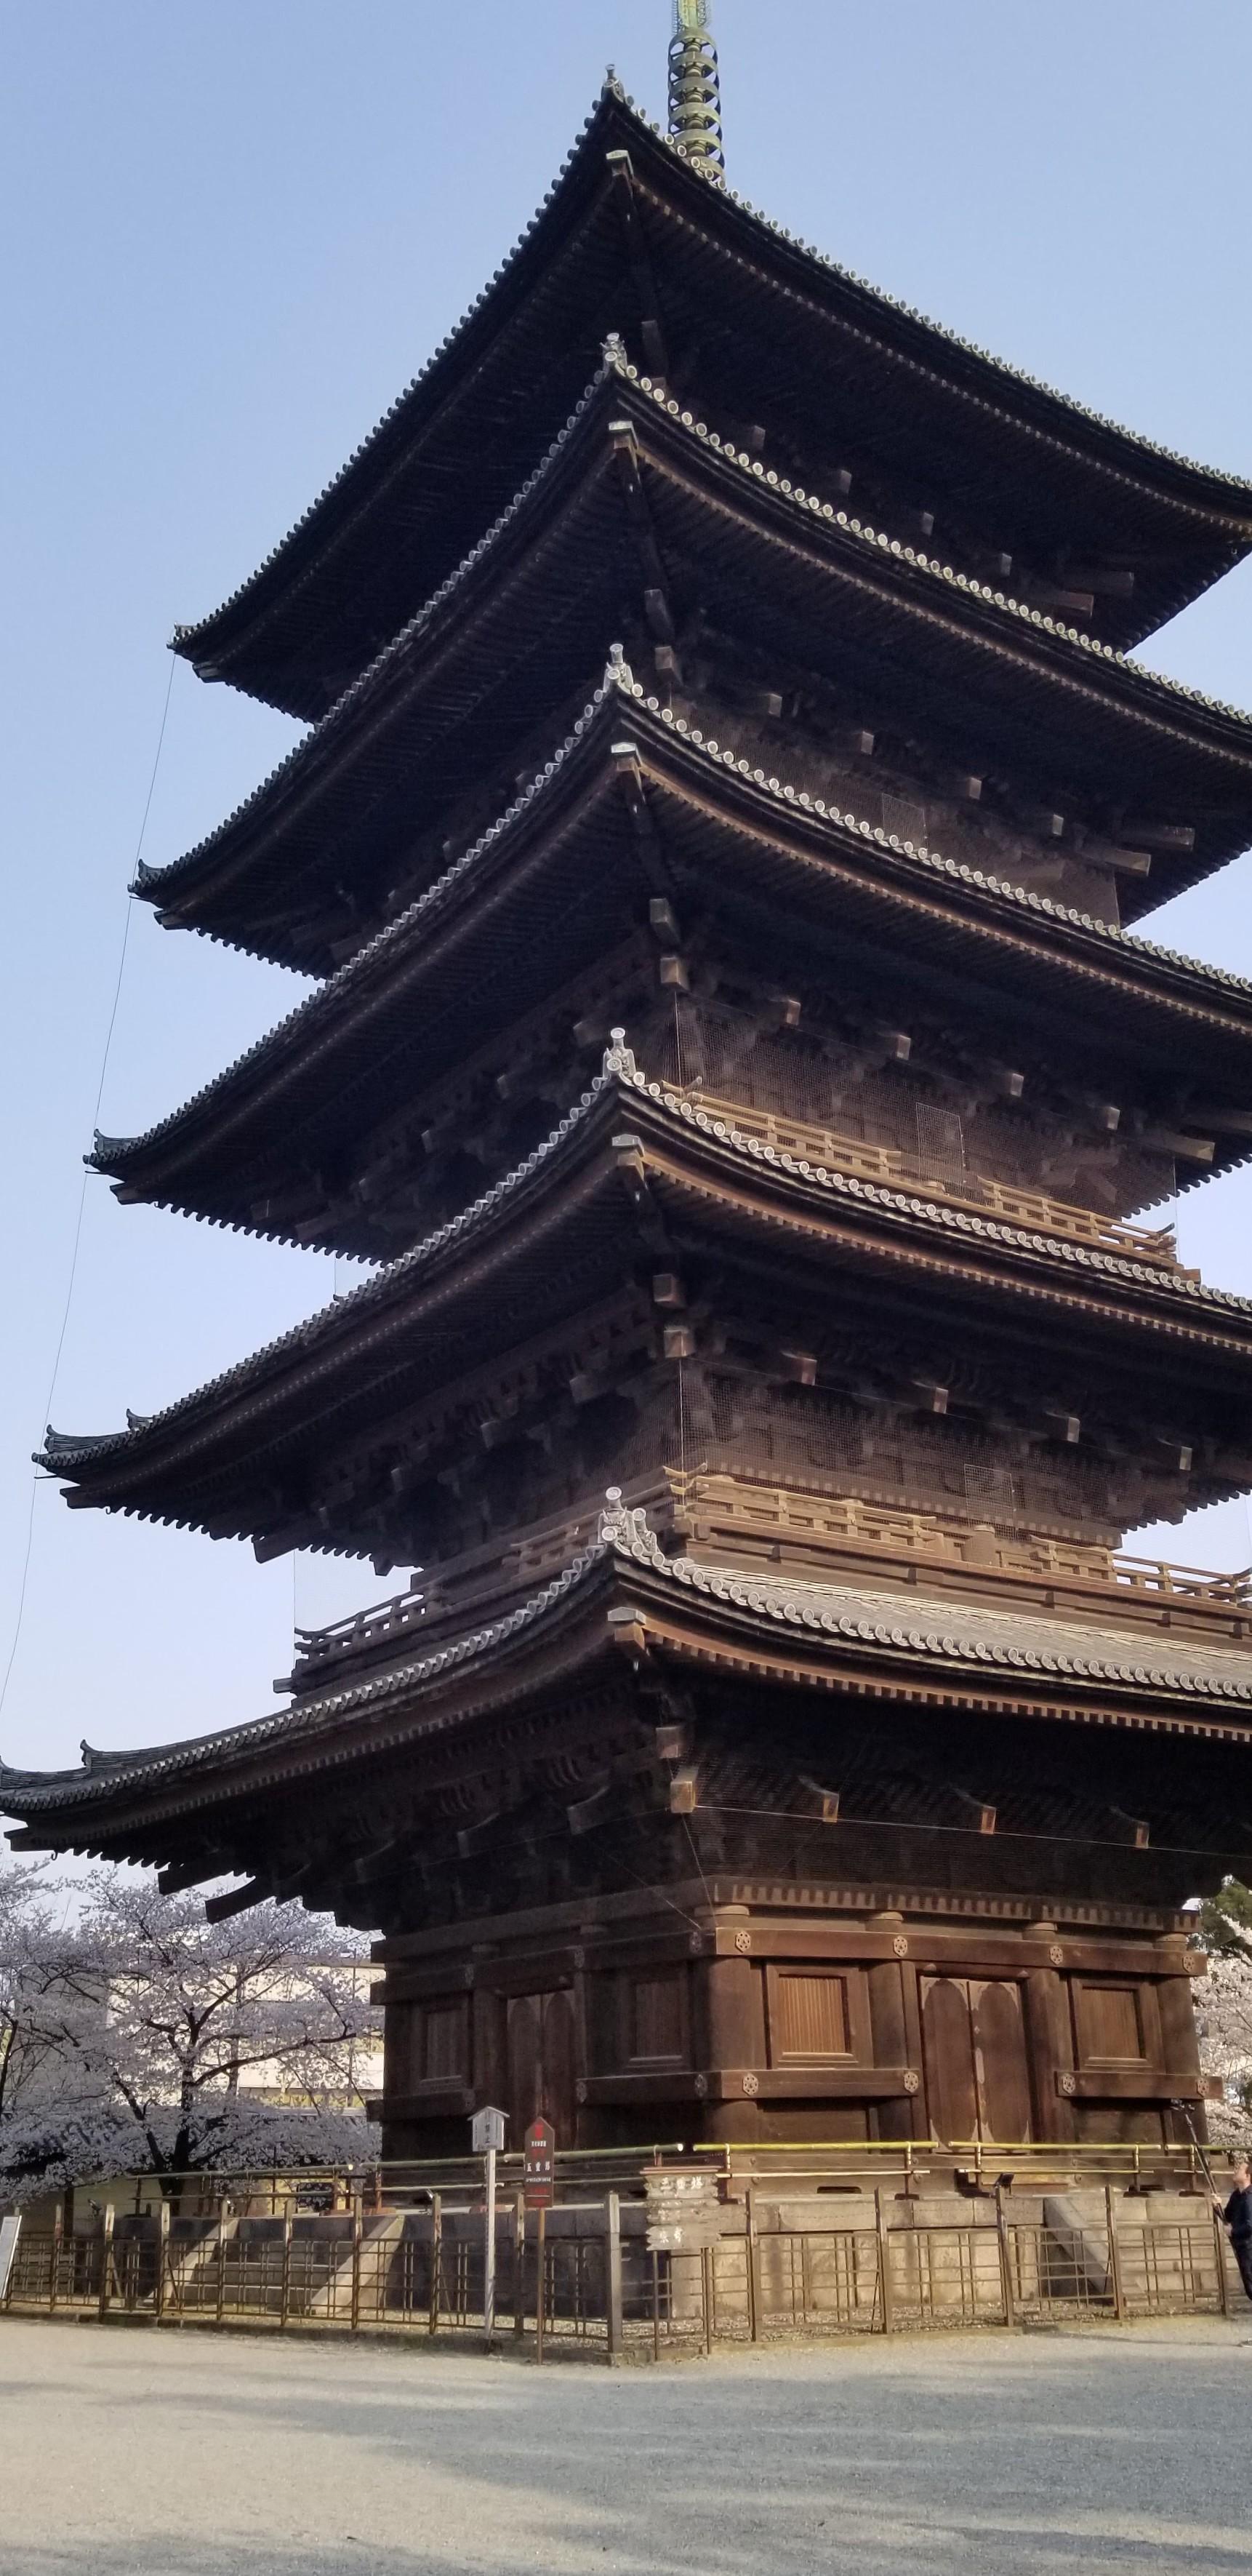 5-Tiered Pagoda